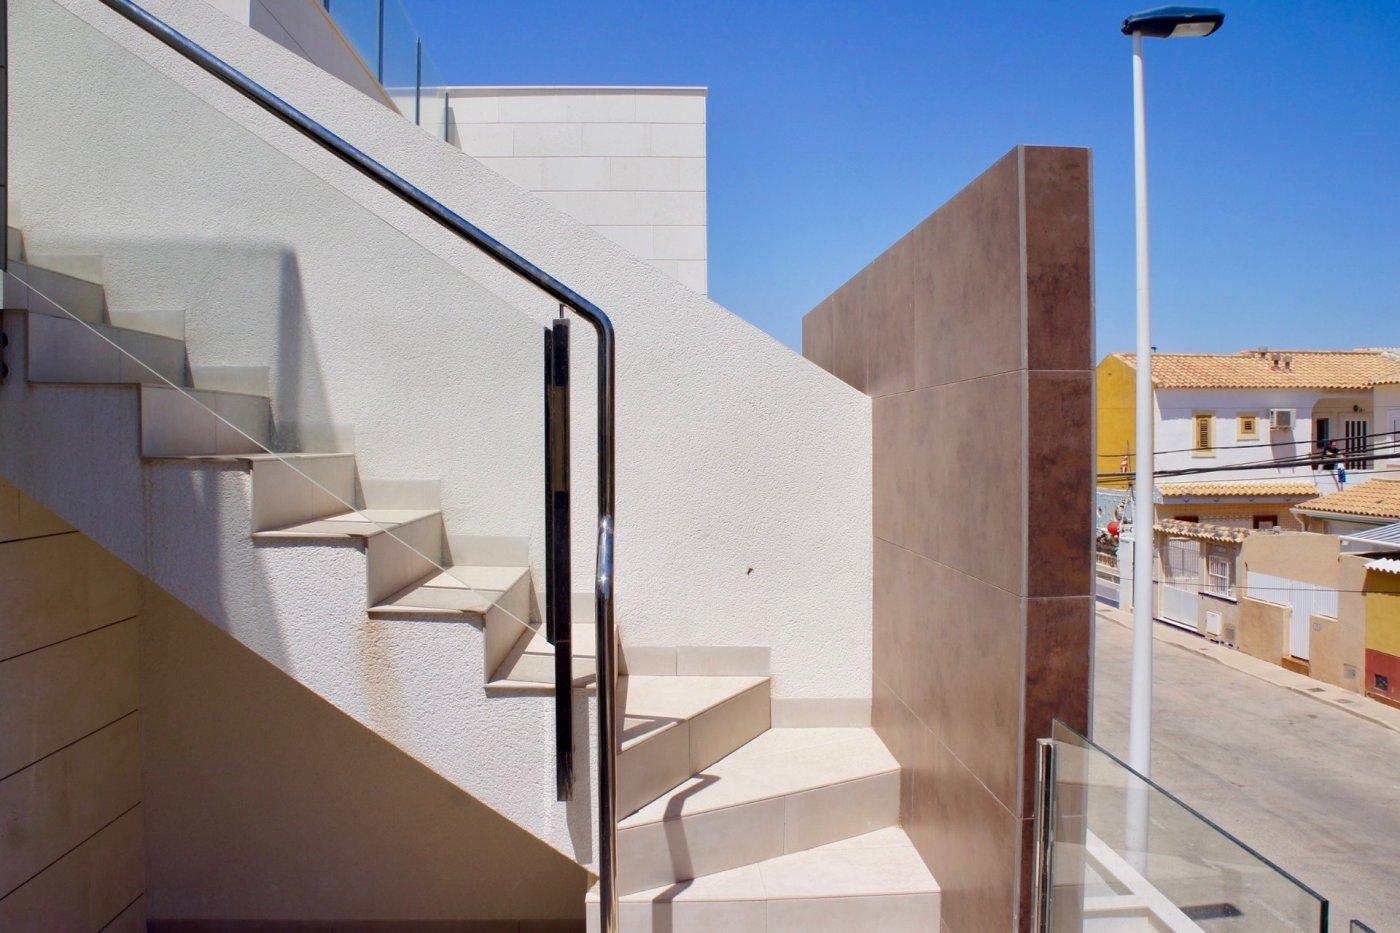 Gallery Image 16 of Nuevo apartamento listo en la planta superior de 2 dormitorios a solo 2 minutos a pie de las playas,